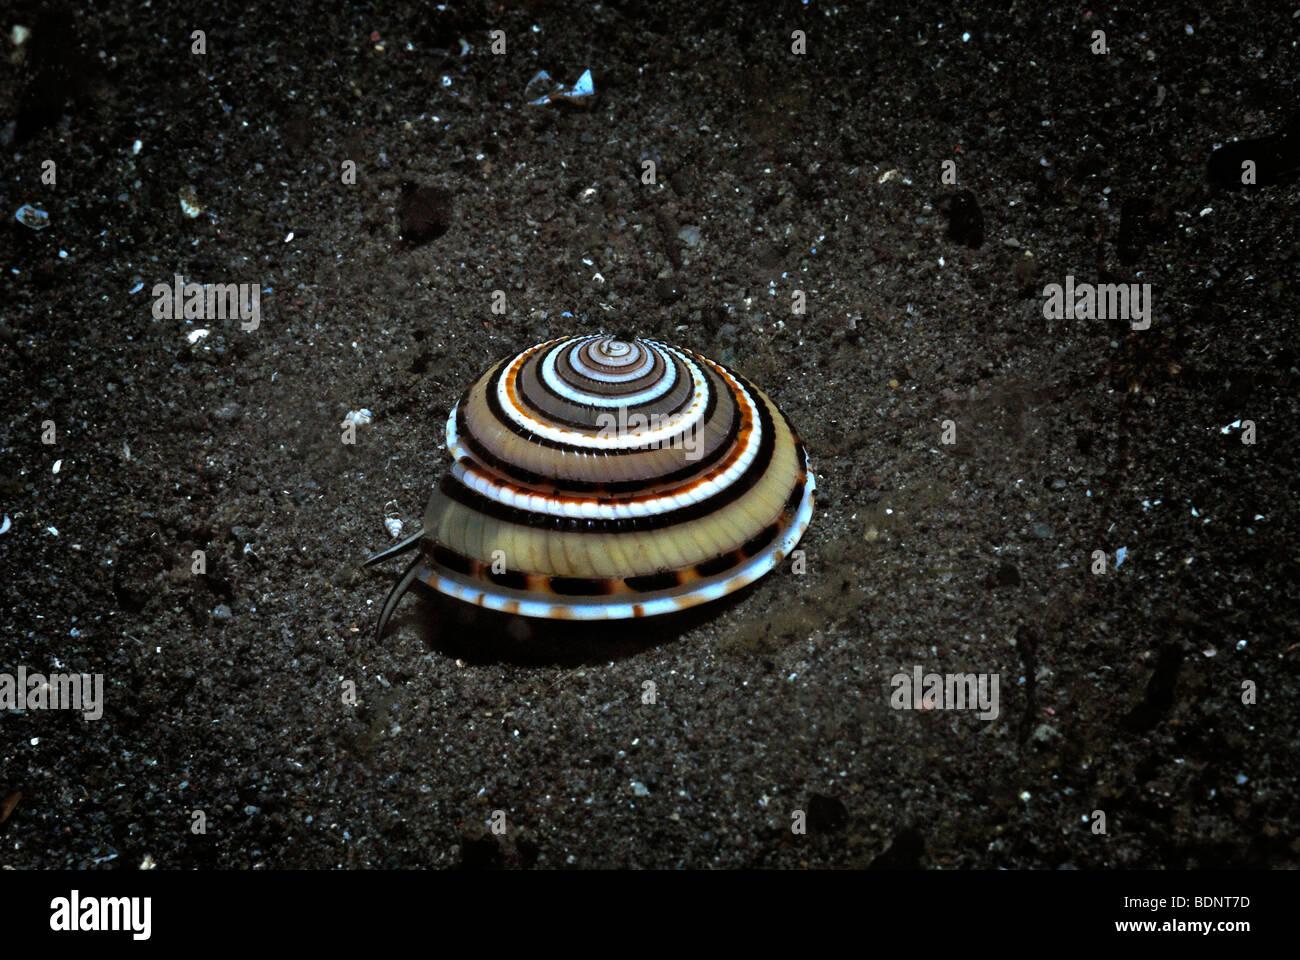 Perspektive-Sonnenuhr-Shell (Architectonica Perspectiva), Komodo National Park, Indonesien, Südostasien Stockbild